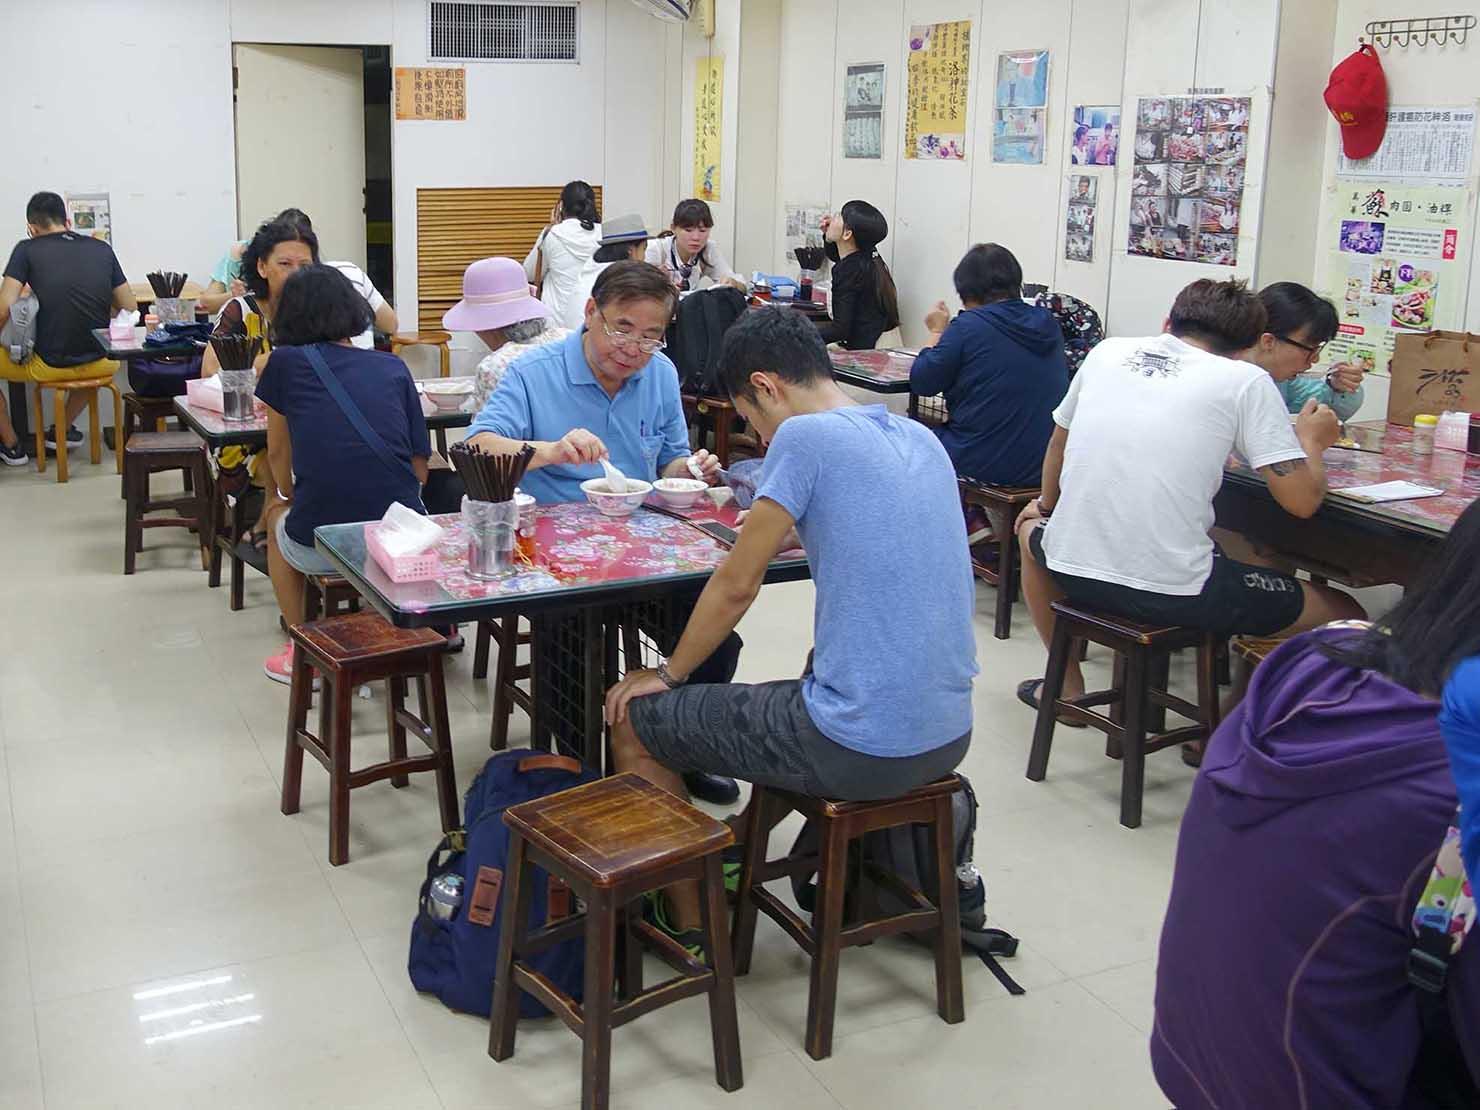 台北・龍山寺エリアのおすすめグルメ店「蘇家肉圓油粿」の店内